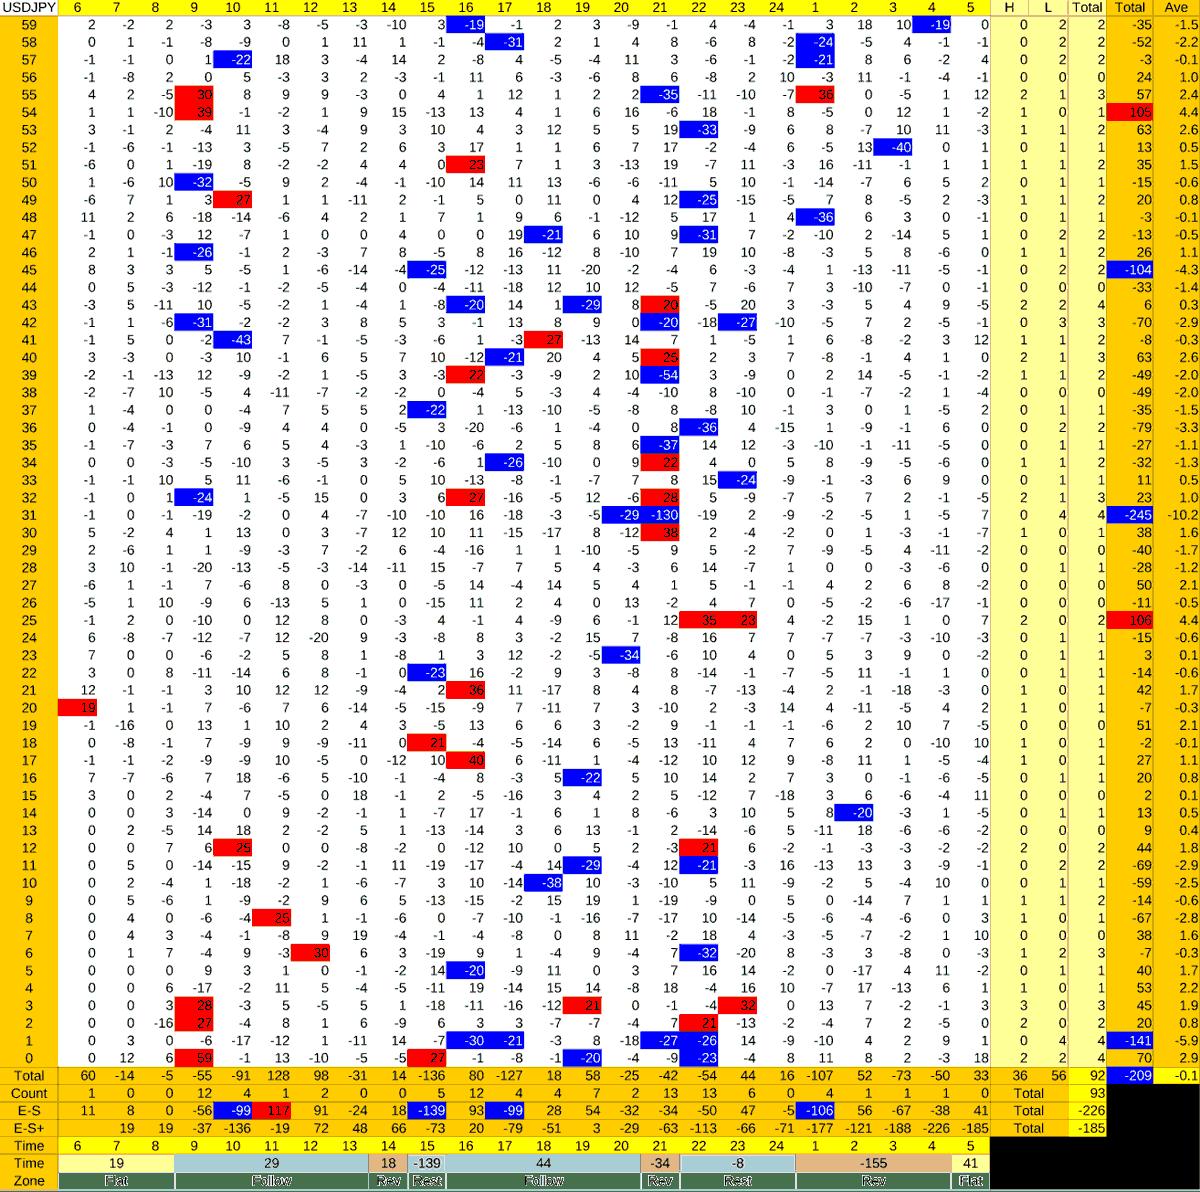 20210513_HS(1)USDJPY